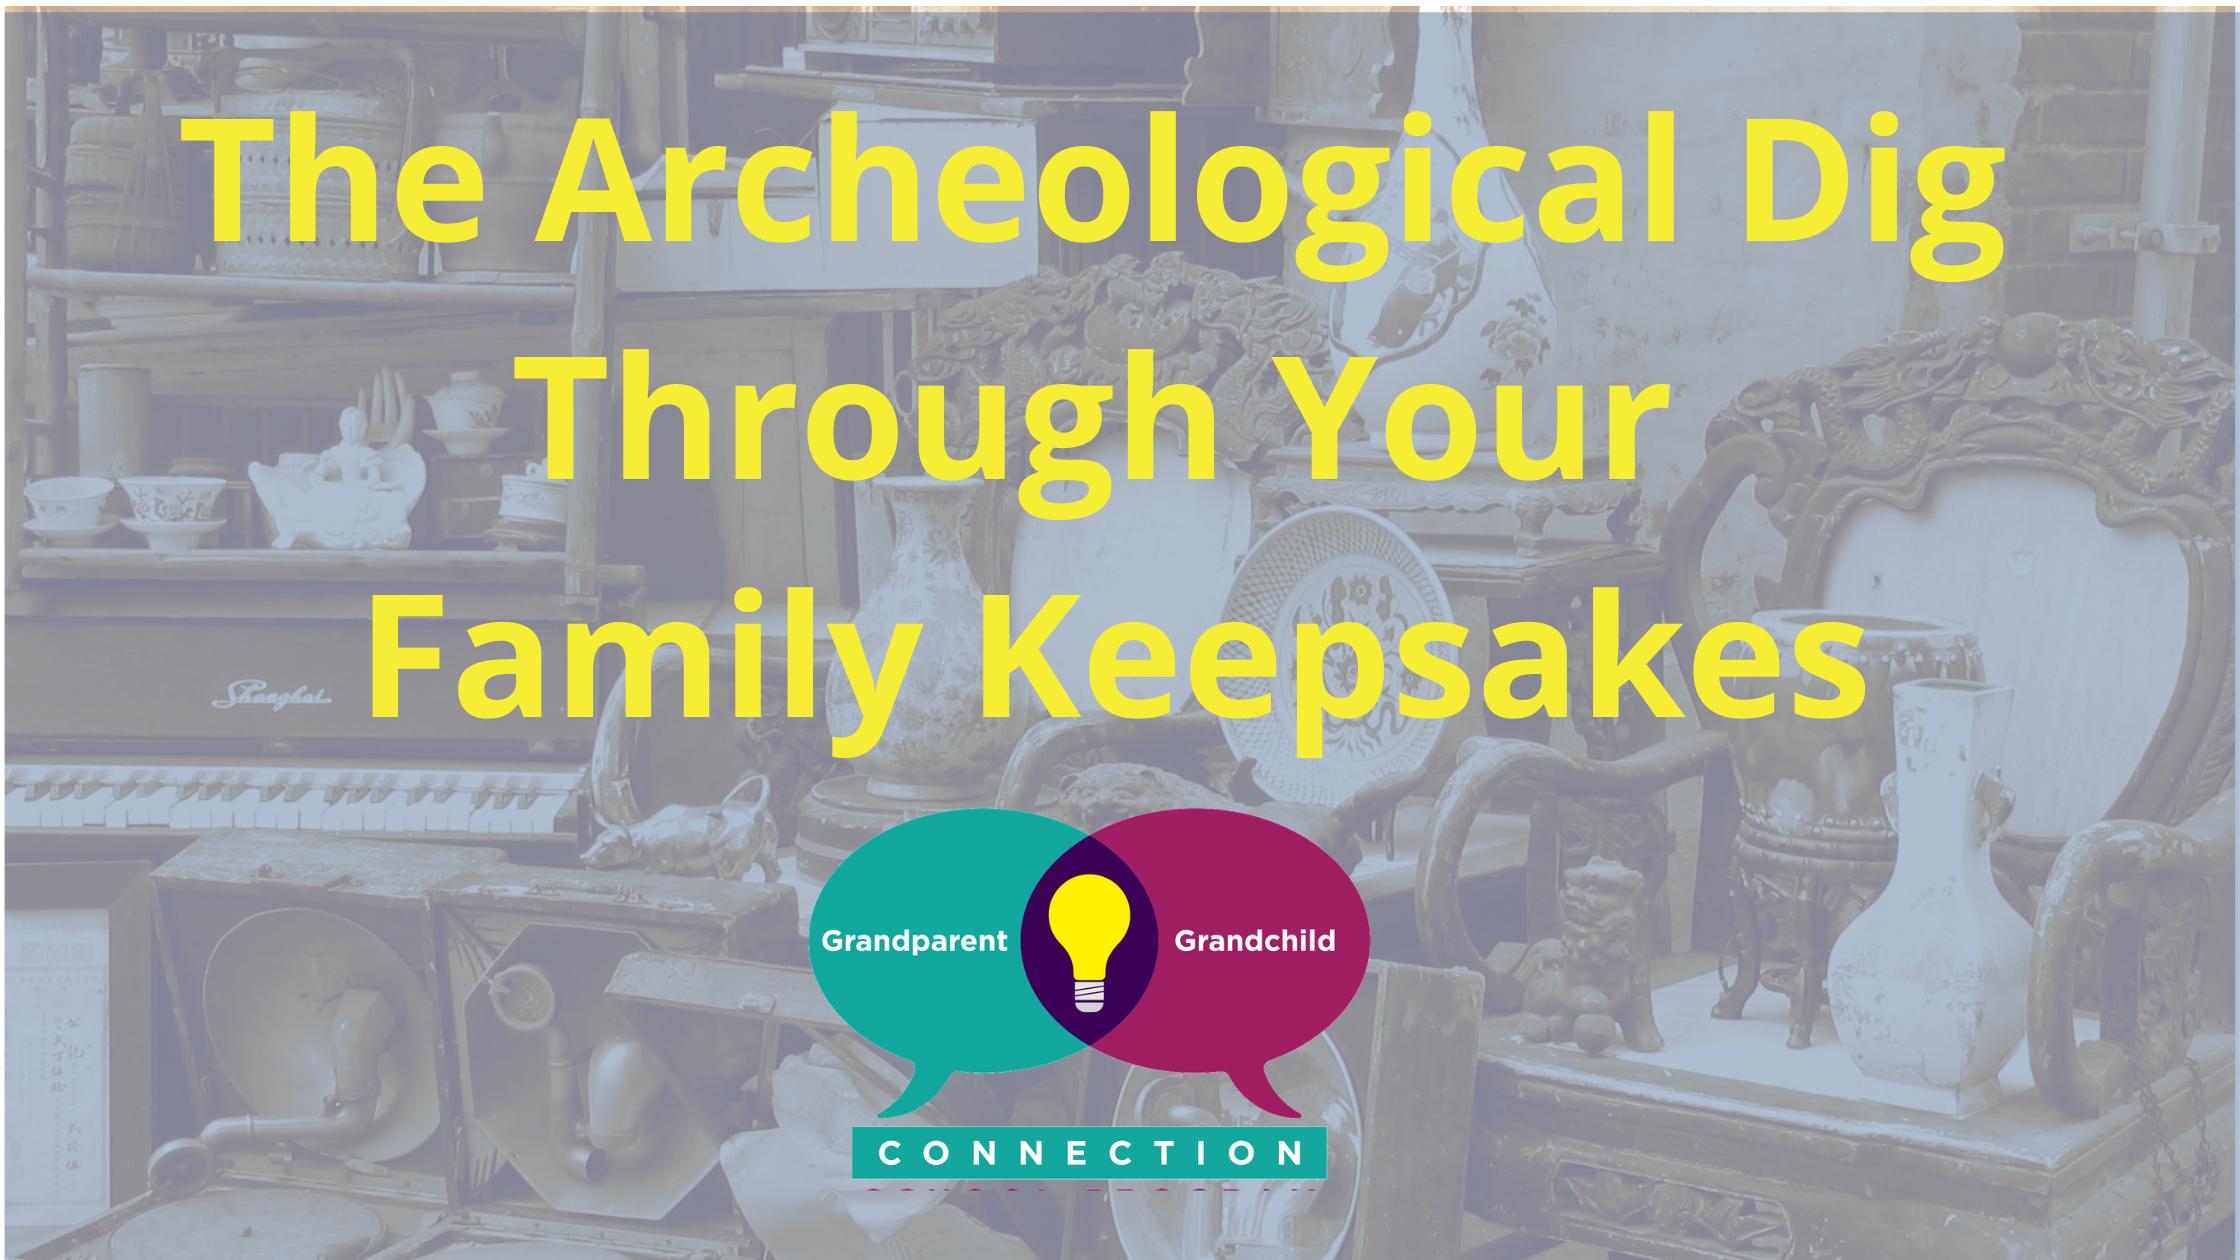 Family Keepsakes